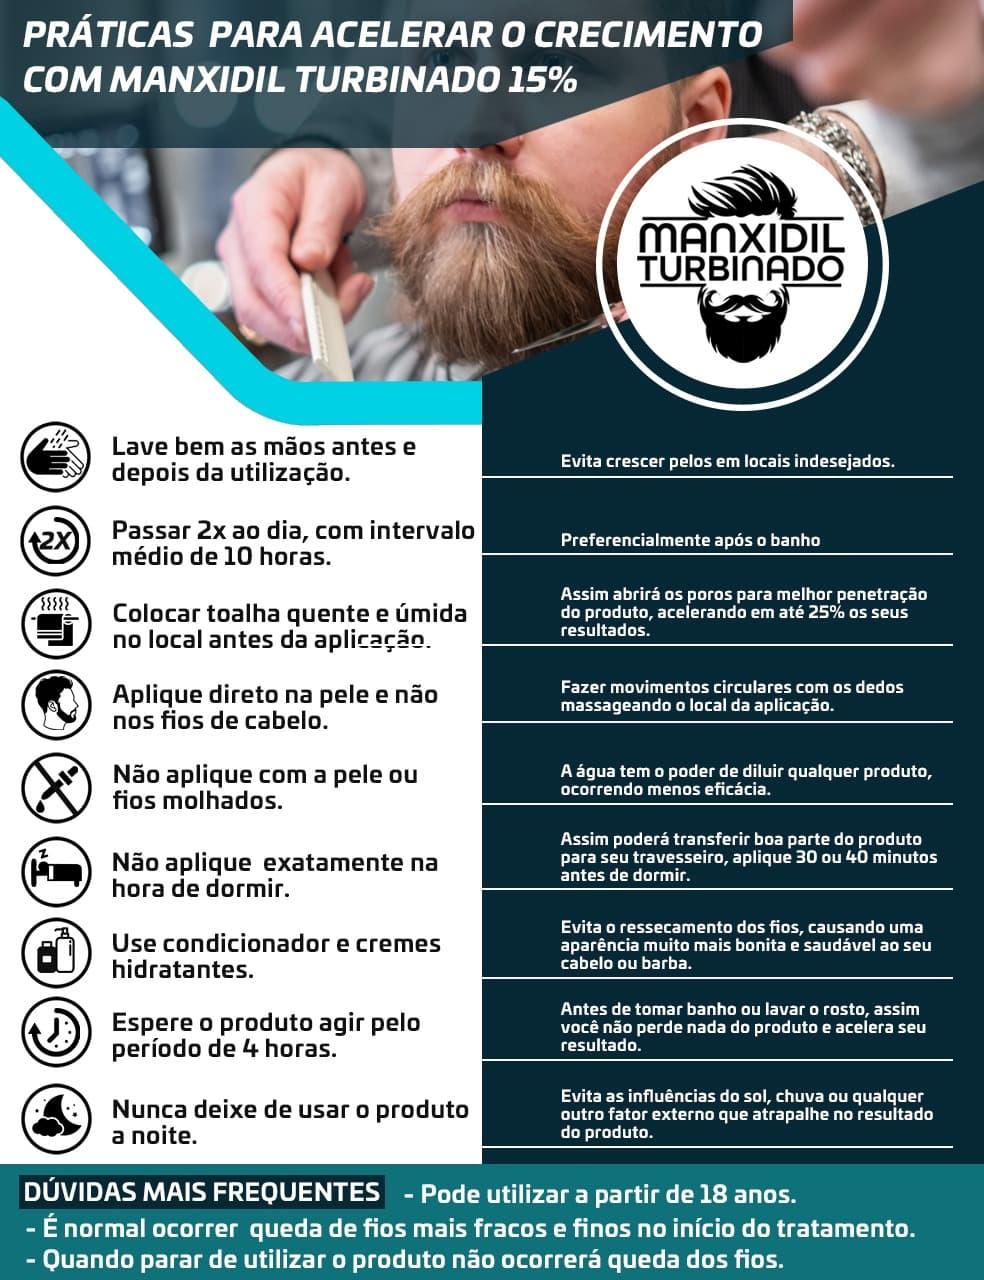 Manxidil Turbinado - Tratamento para crescimento de cabelo e barba